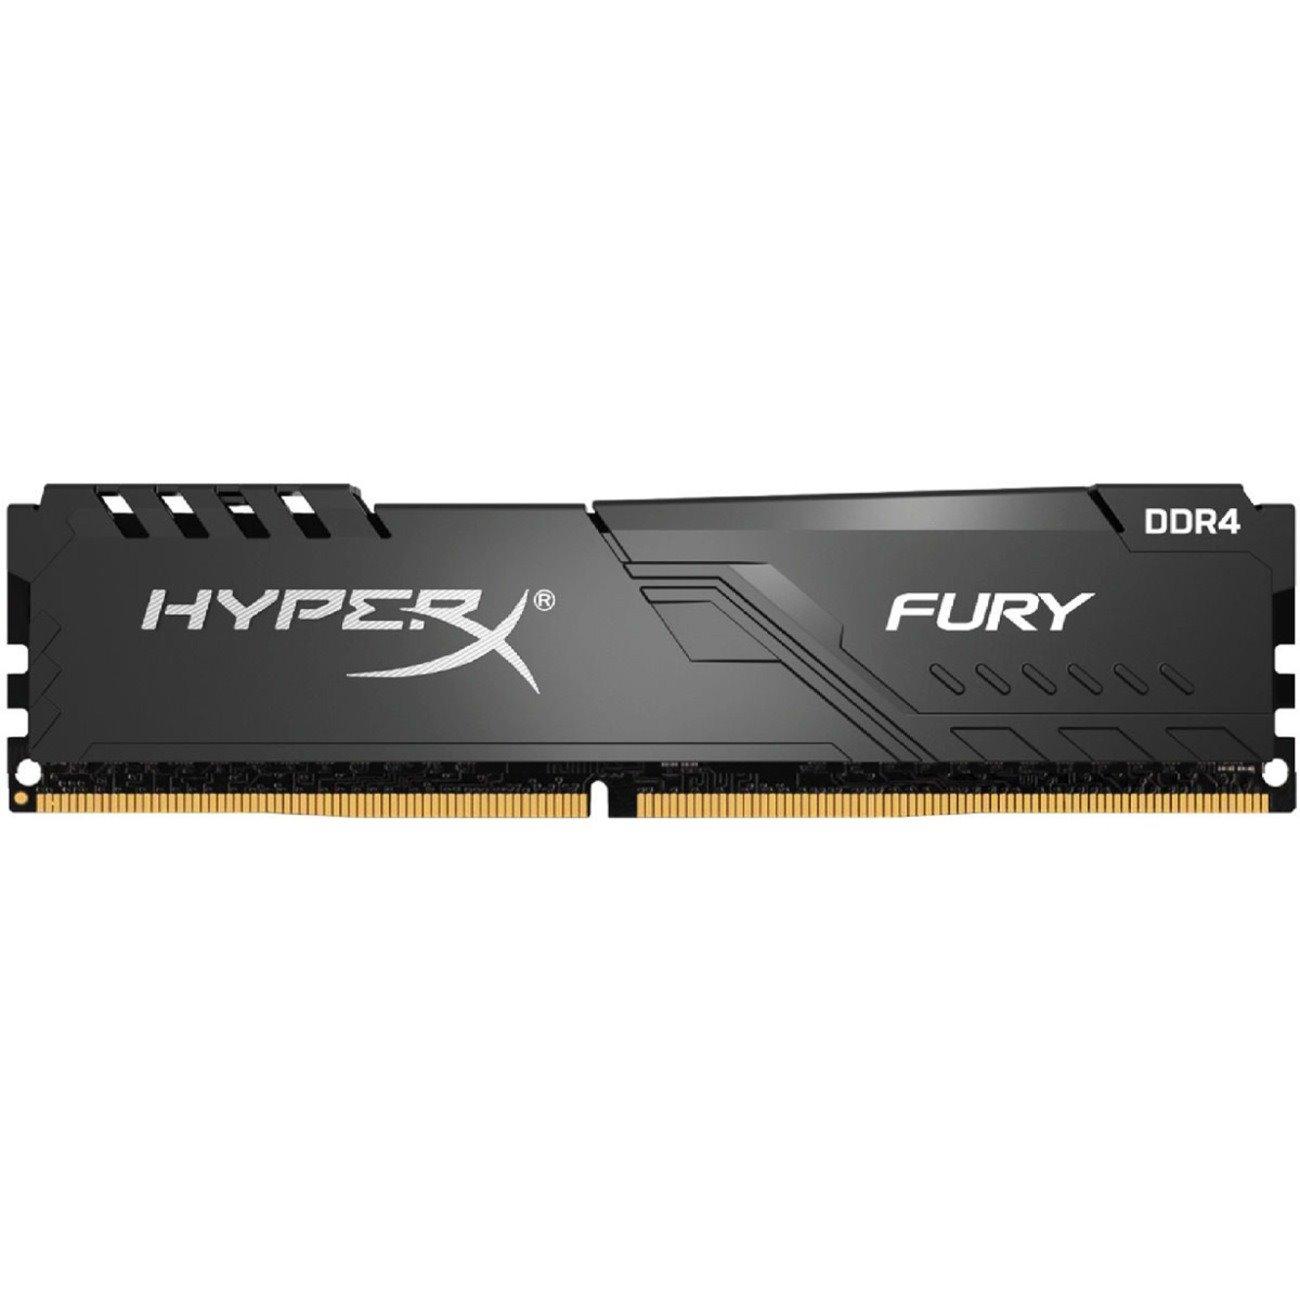 HyperX FURY RAM Module for Desktop PC - 16 GB - DDR4-3600/PC4-28800 DDR4 SDRAM - CL18 - 1.35 V